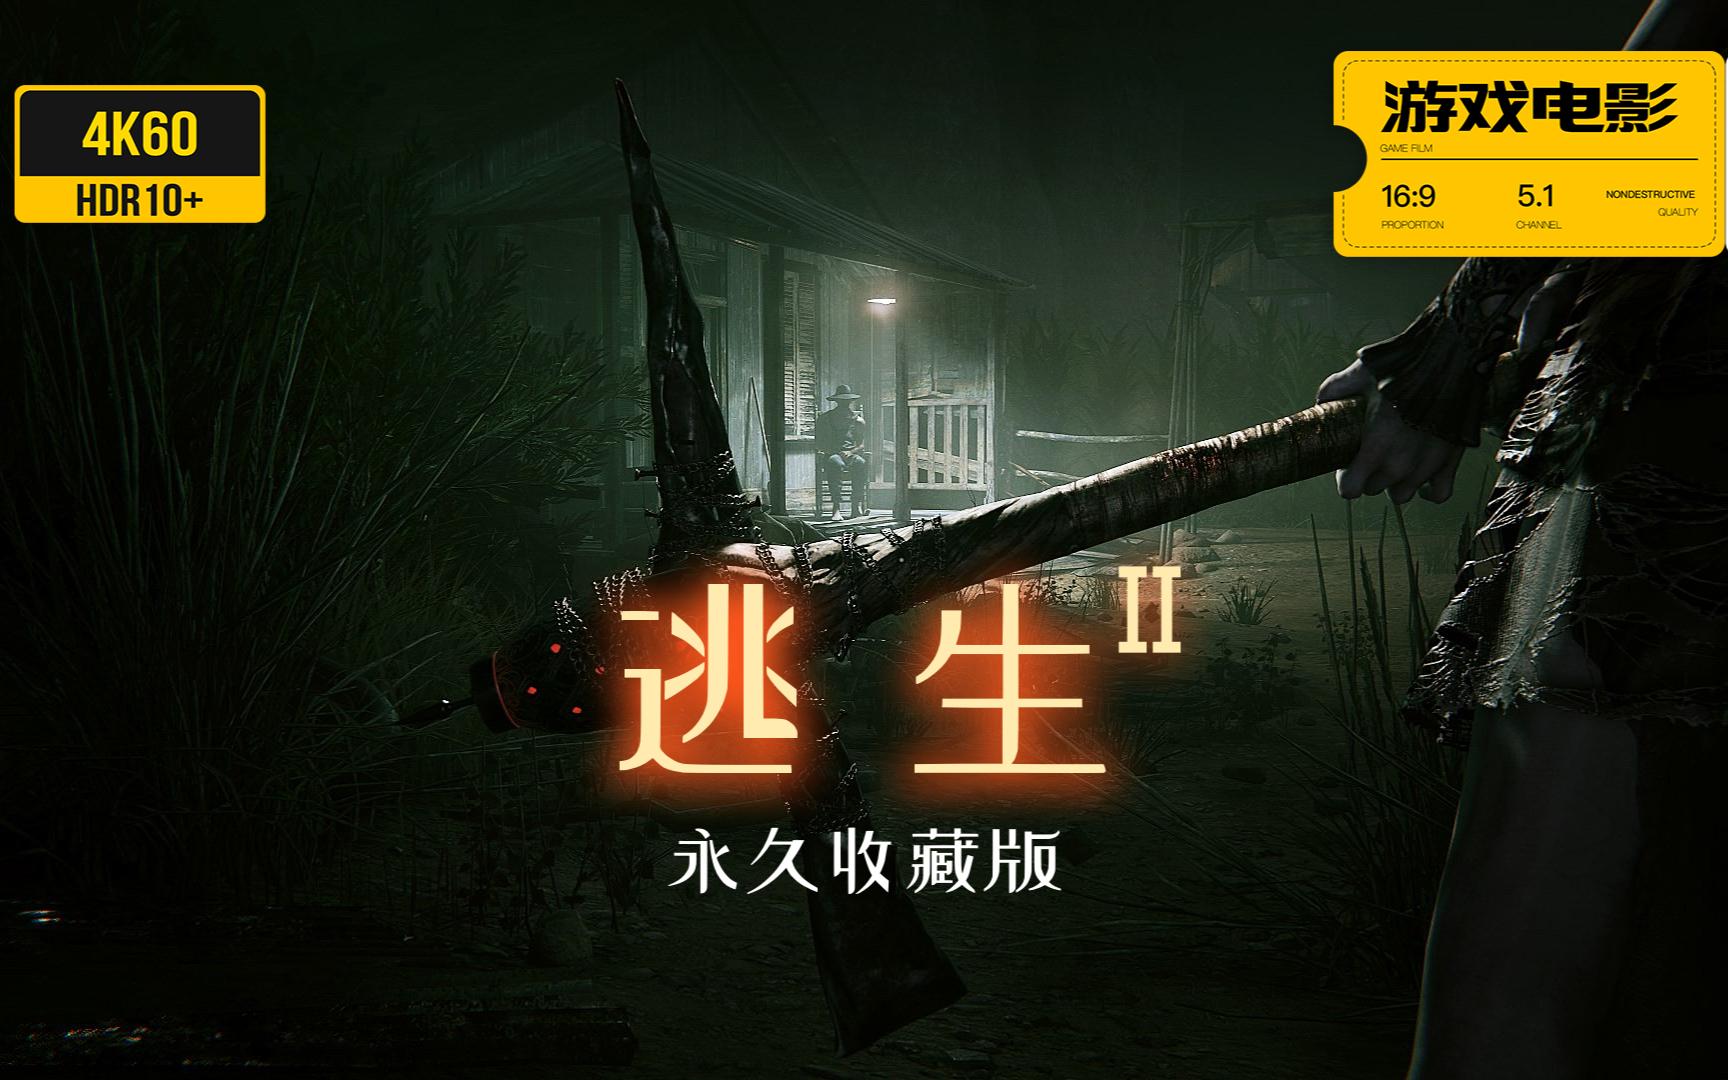 游戏电影《逃生2》完整剧情 永久收藏版 4K60全特效